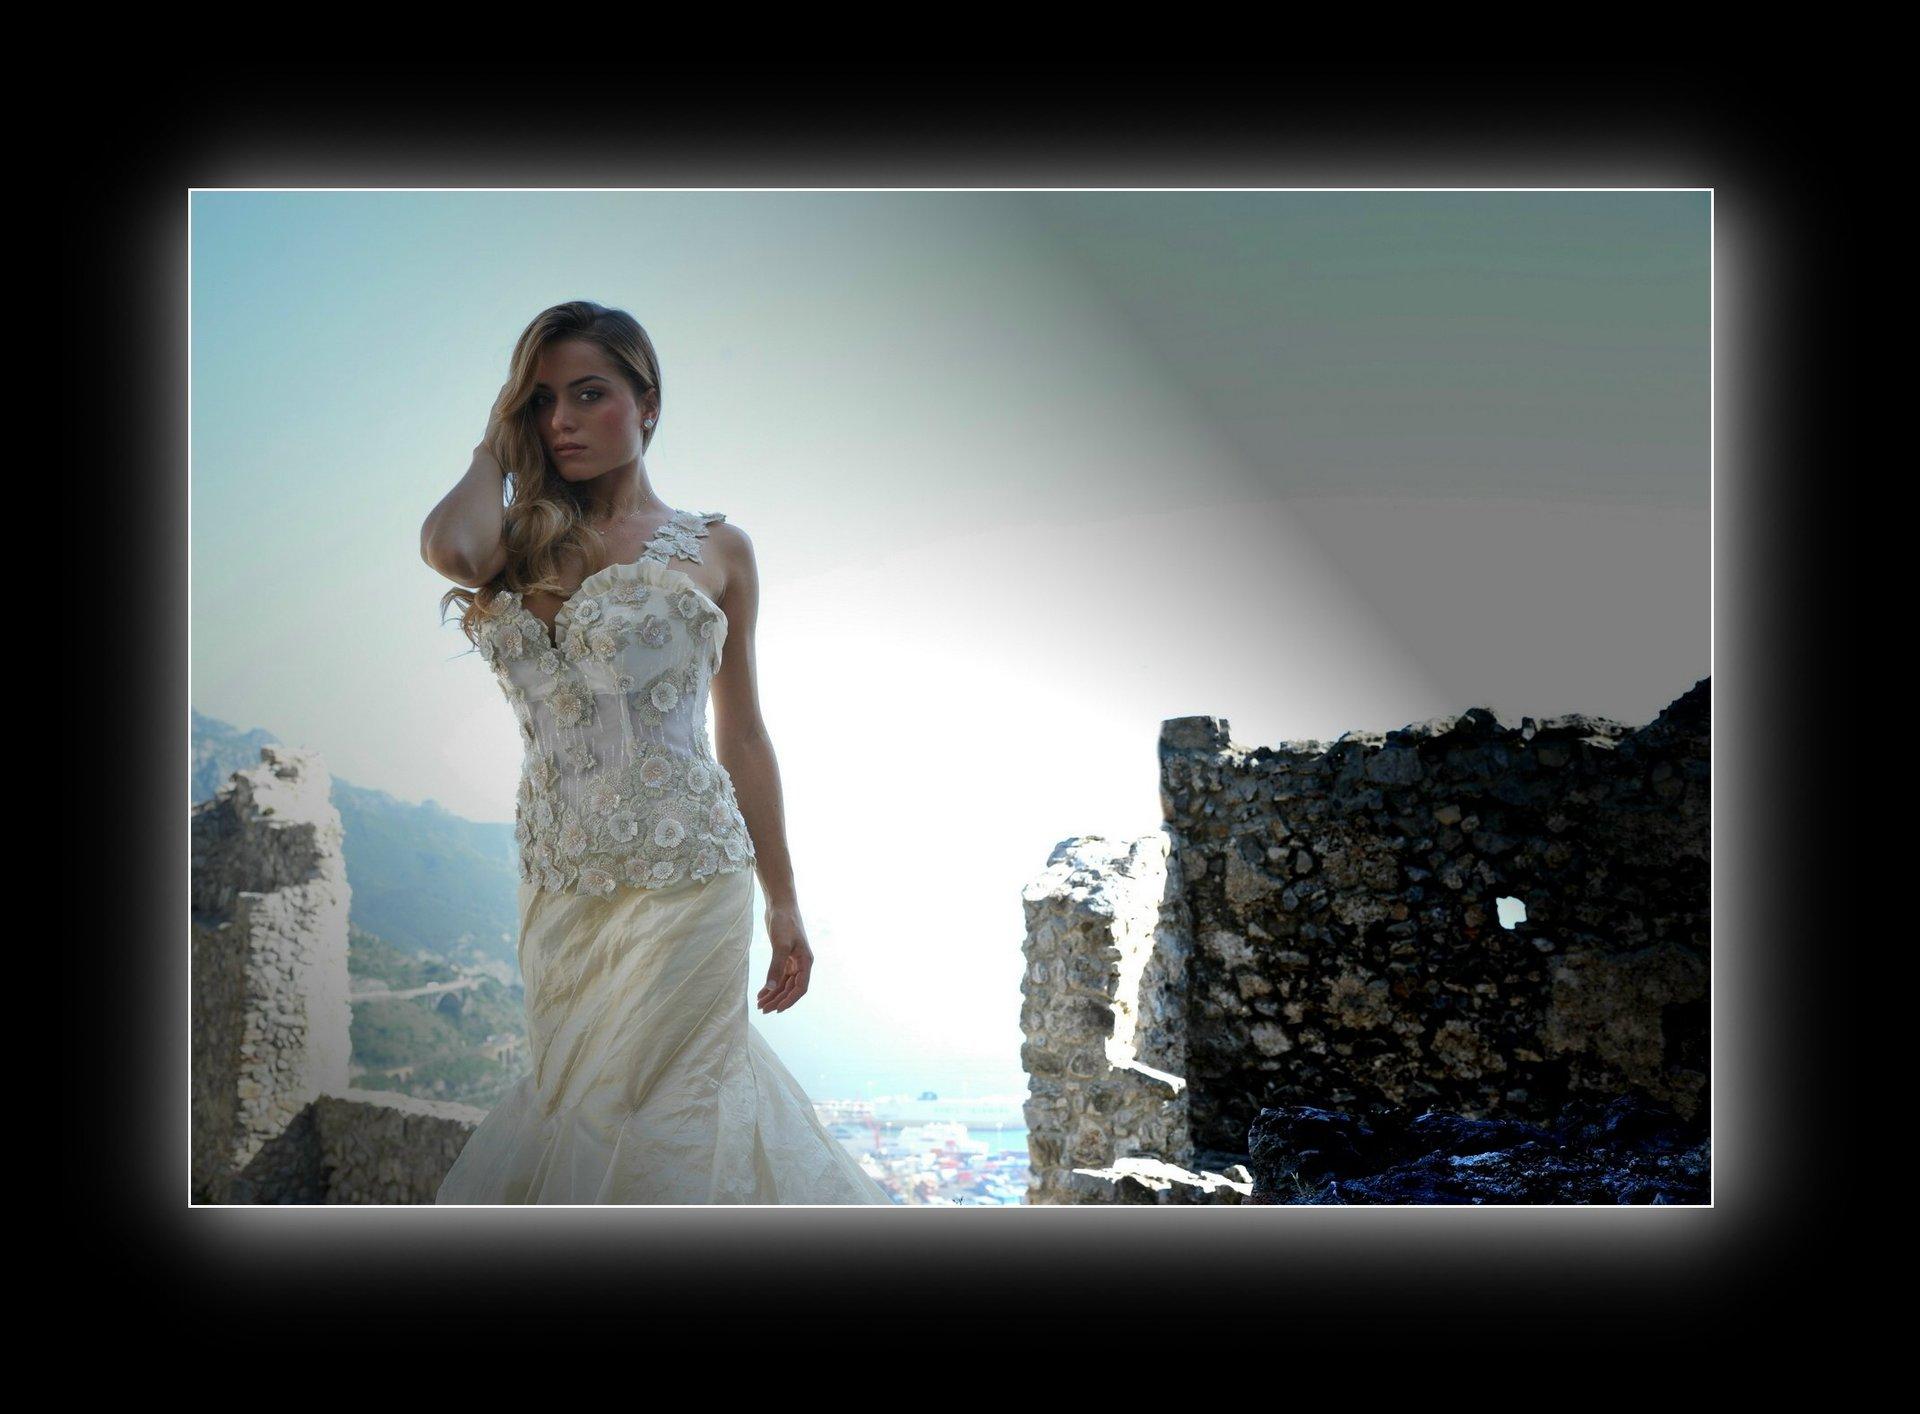 una modella vestita da sposa con cielo di spalle